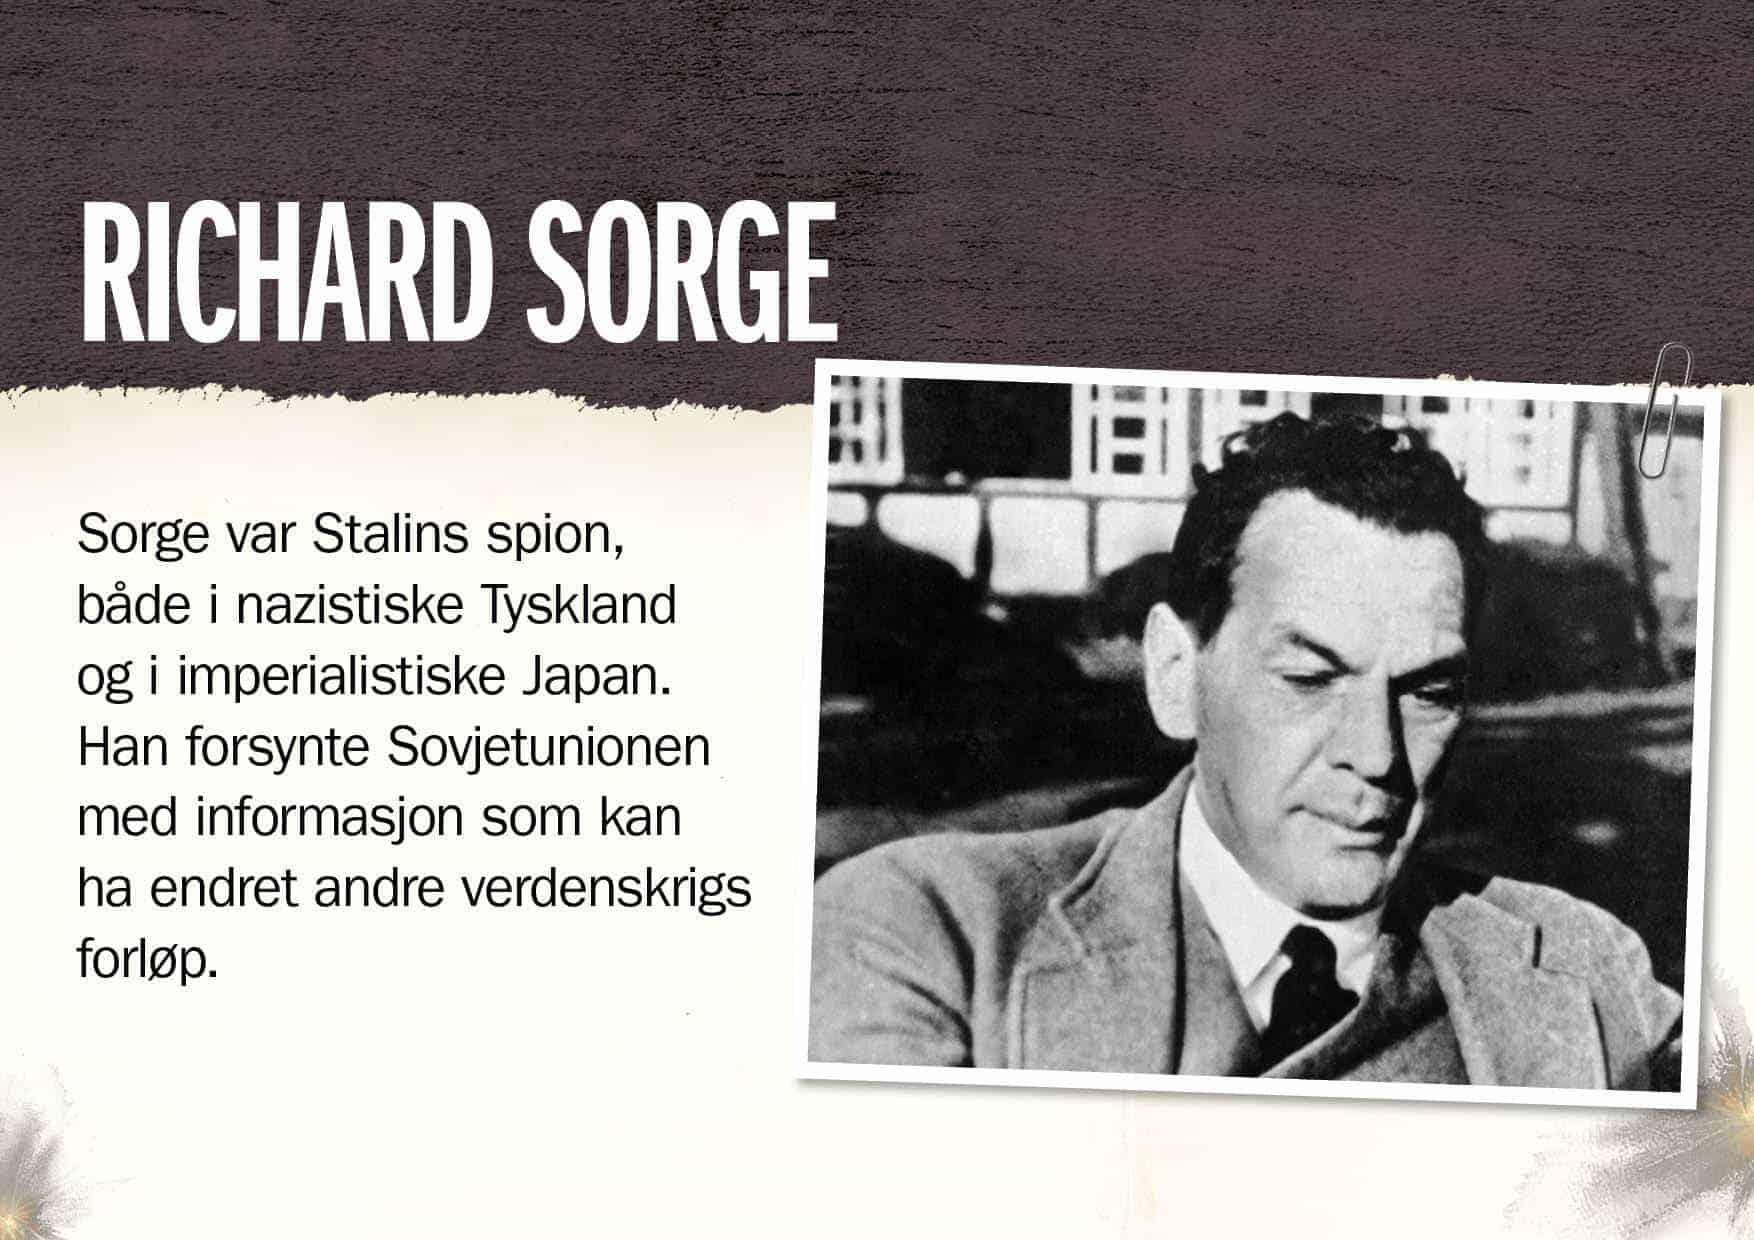 Superspioner: Richard Sorge